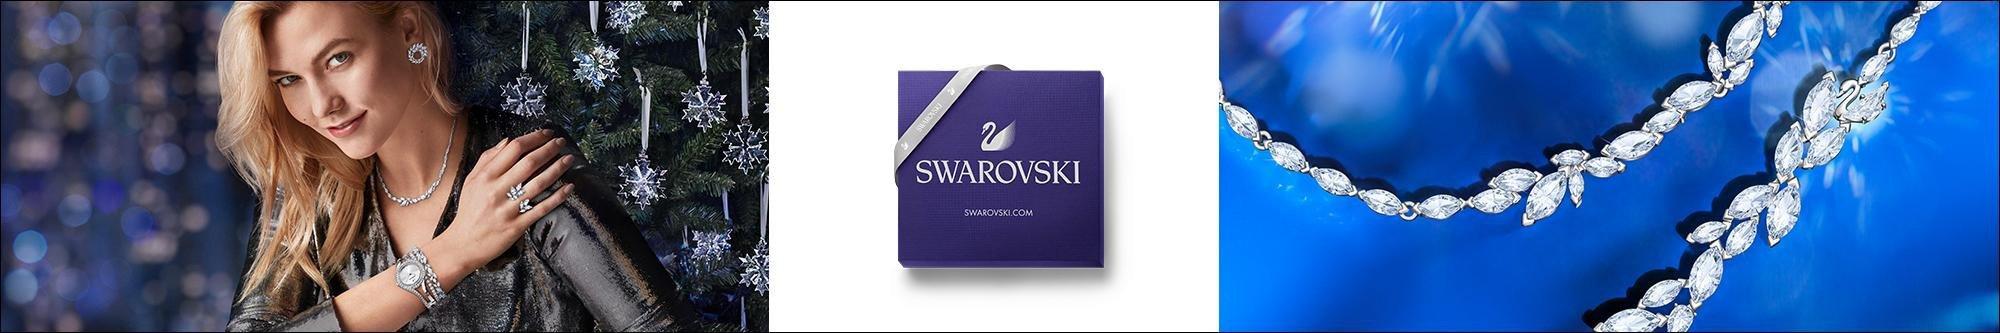 Swarovski AW18